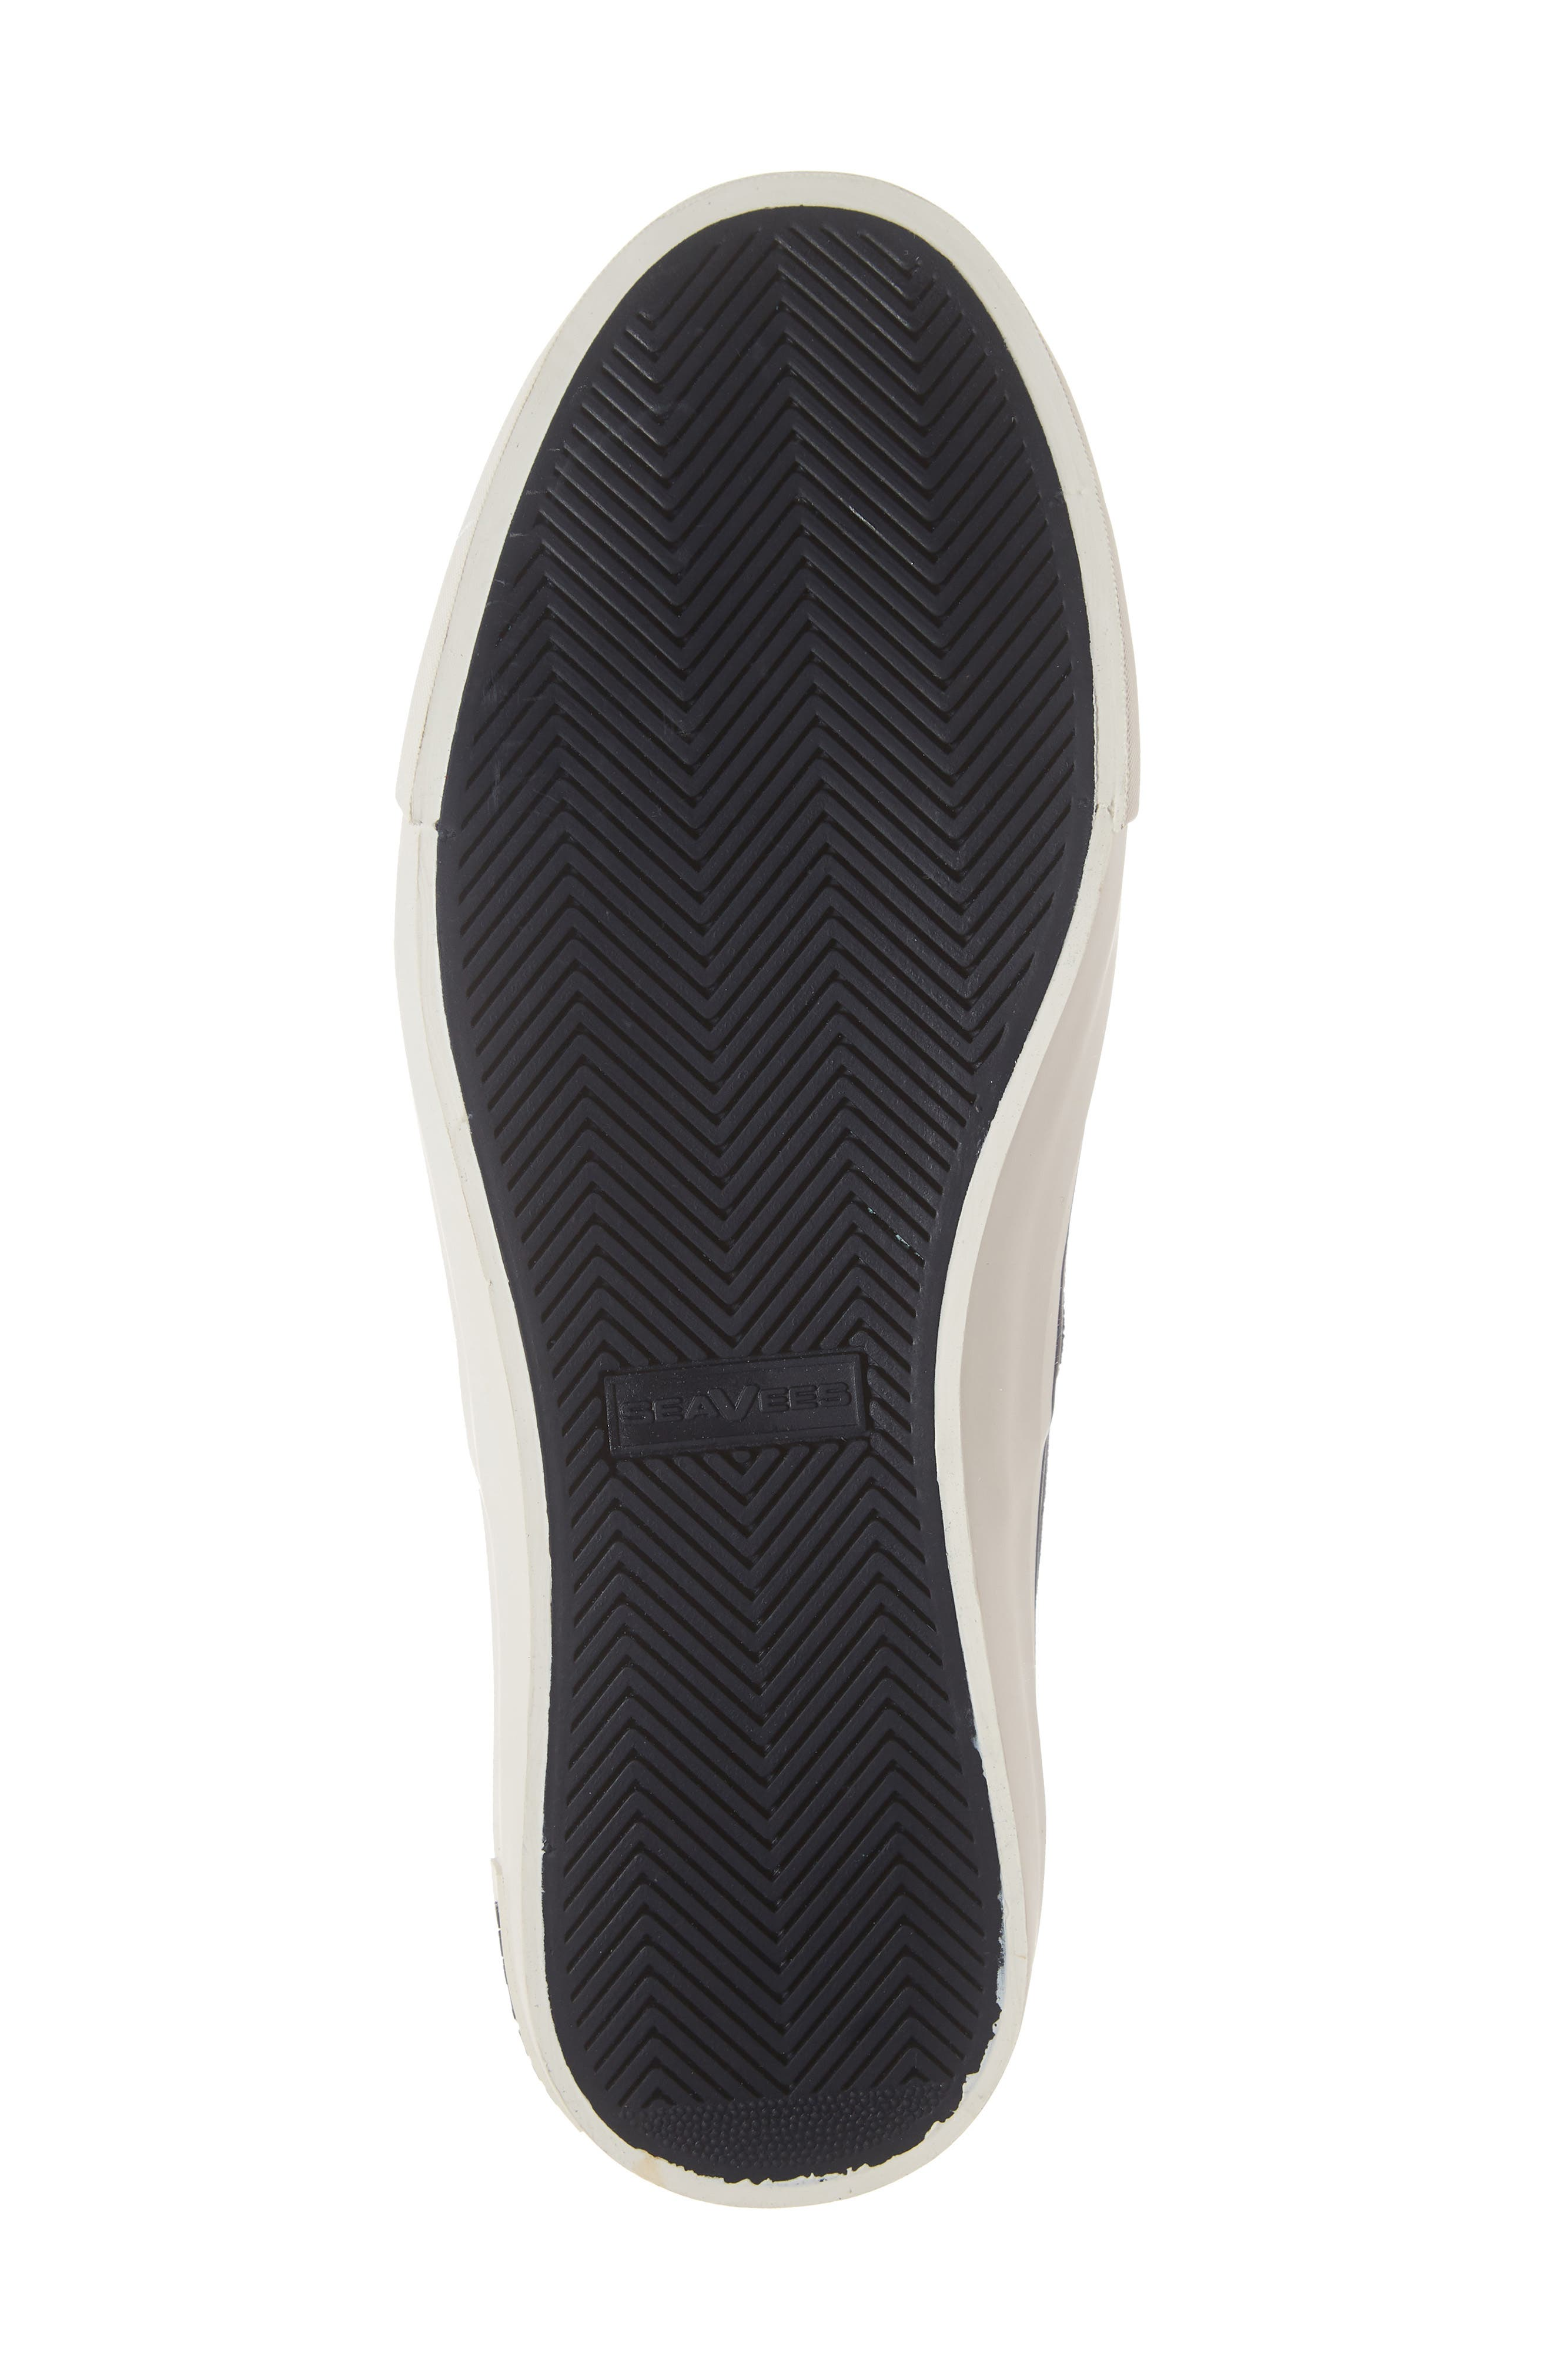 Legend Cordies Sneaker,                             Alternate thumbnail 6, color,                             DEEP NAVY